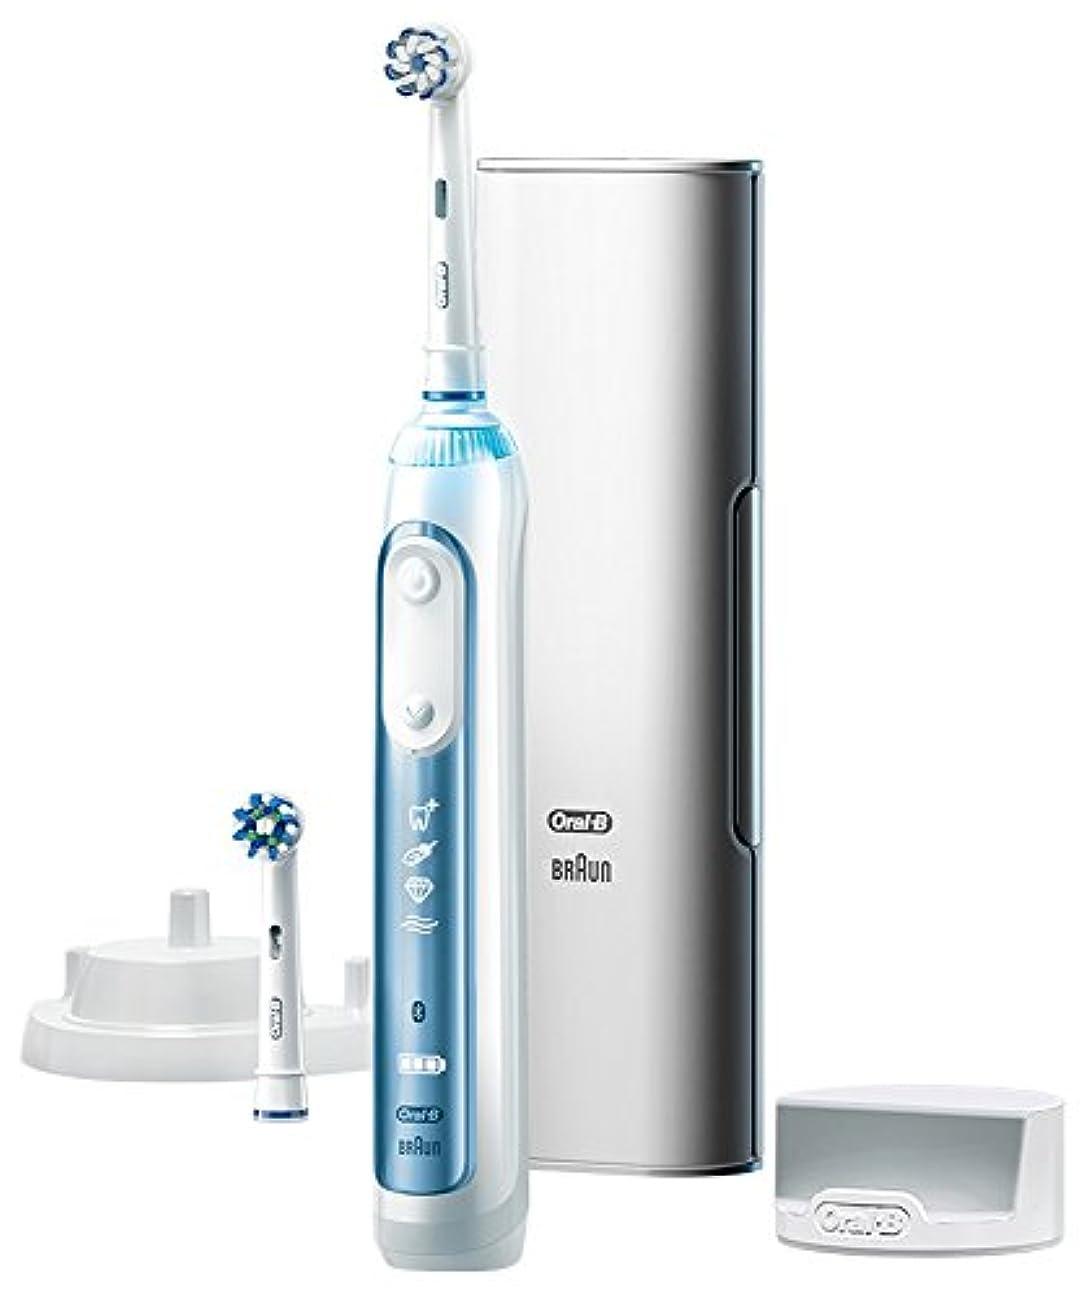 集団抵当服を洗うブラウン オーラルB 電動歯ブラシ スマート7000 D7005245XP D7005245XP